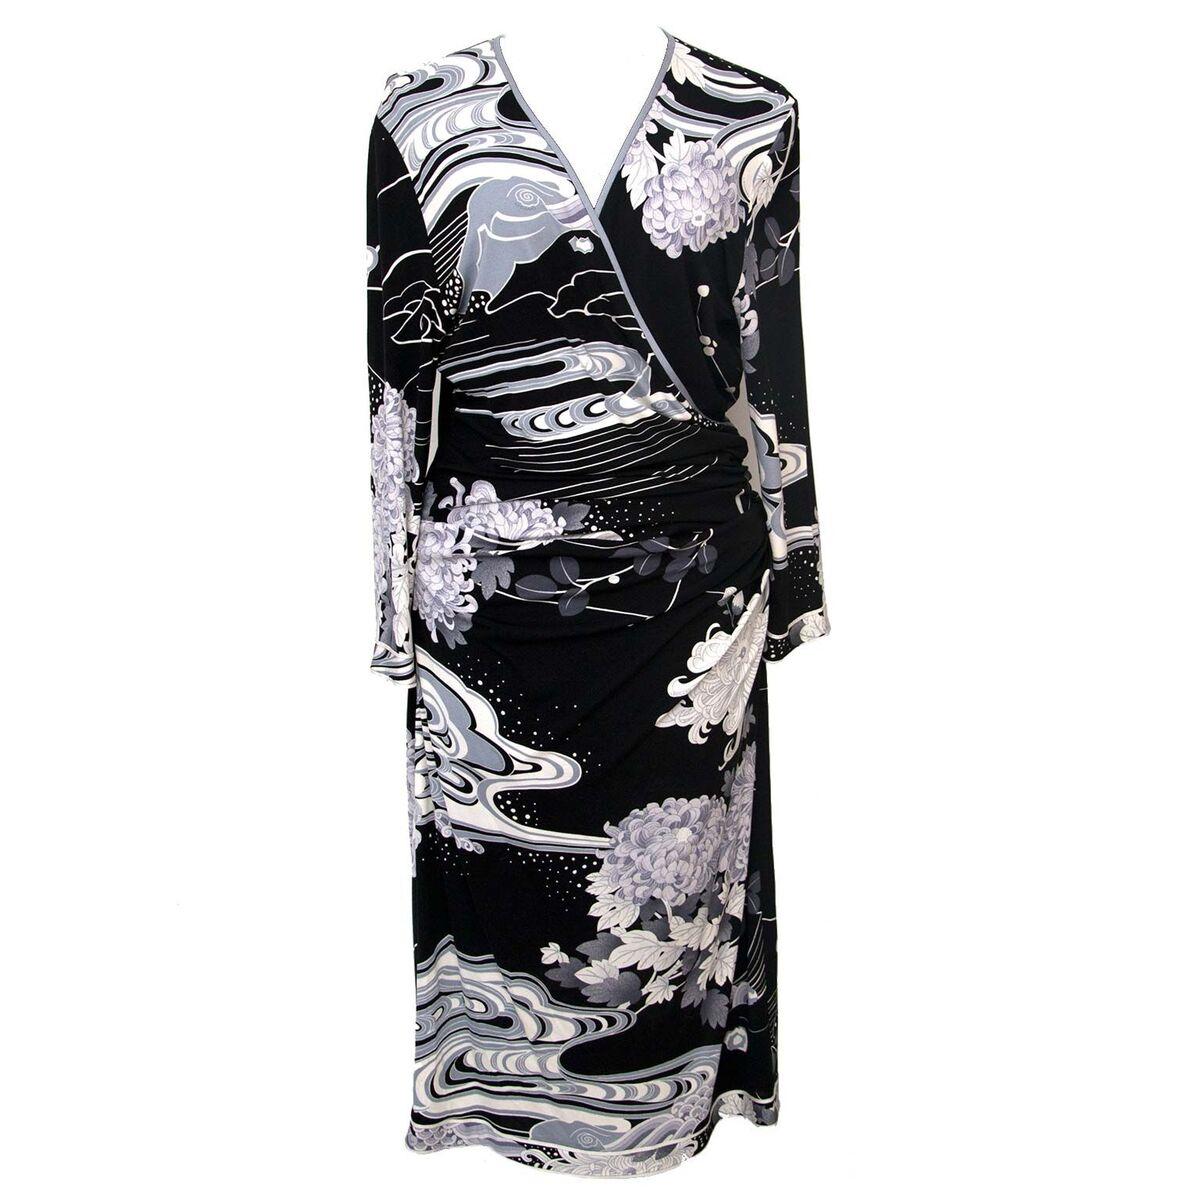 Koop authentieke tweedehands Leonard zwart witte jurken aan een eerlijke prijs bij LabelLOV. Veilig online shoppen.